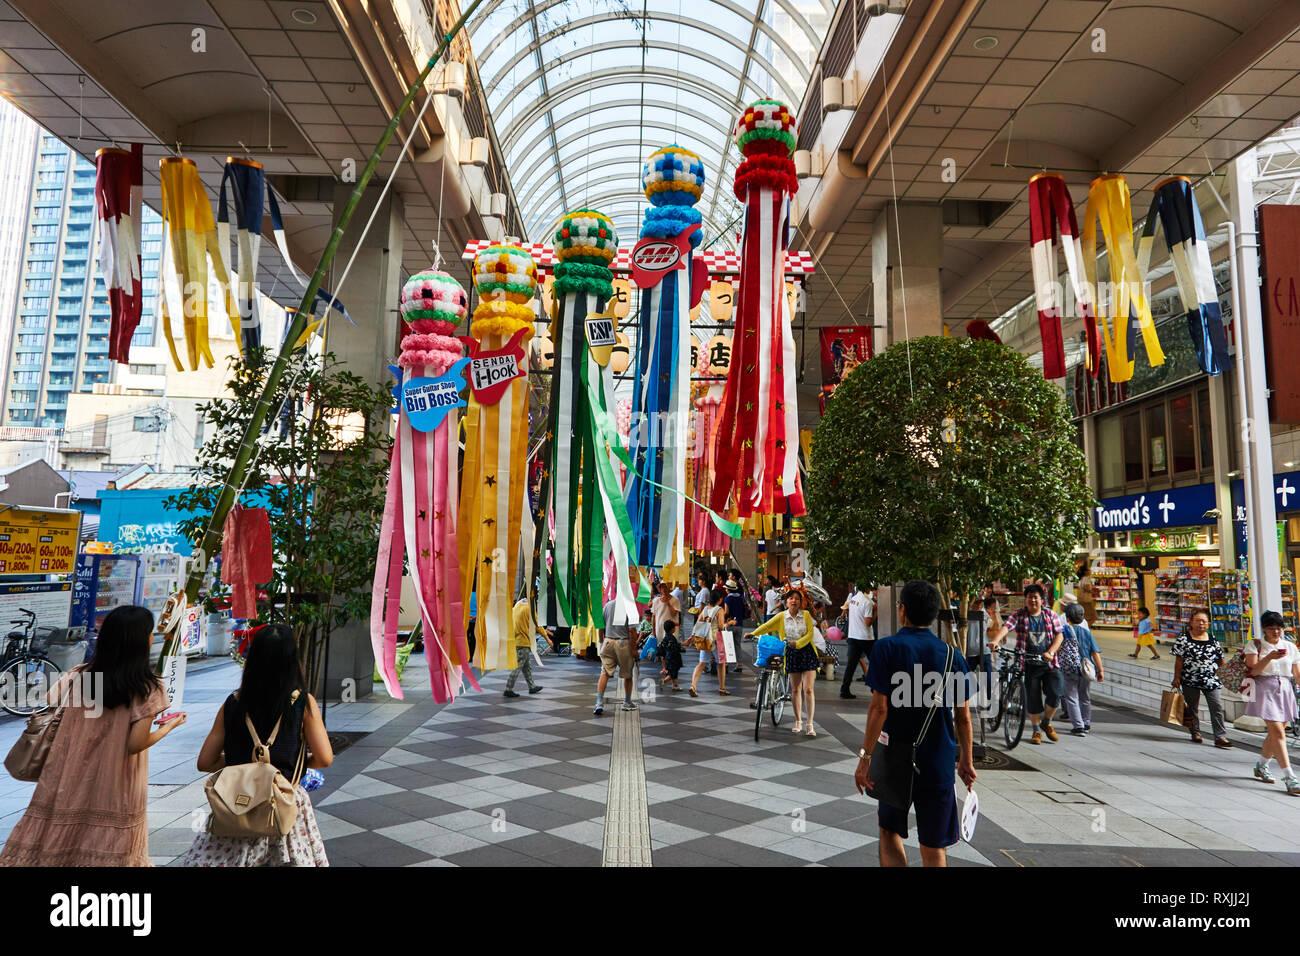 streamers-takekazari-or-fukinagashi-in-a-shopping-arcade-during-sendais-tanabata-matsuri-festival-in-sendai-miyagi-japan-RXJJ2J.jpg